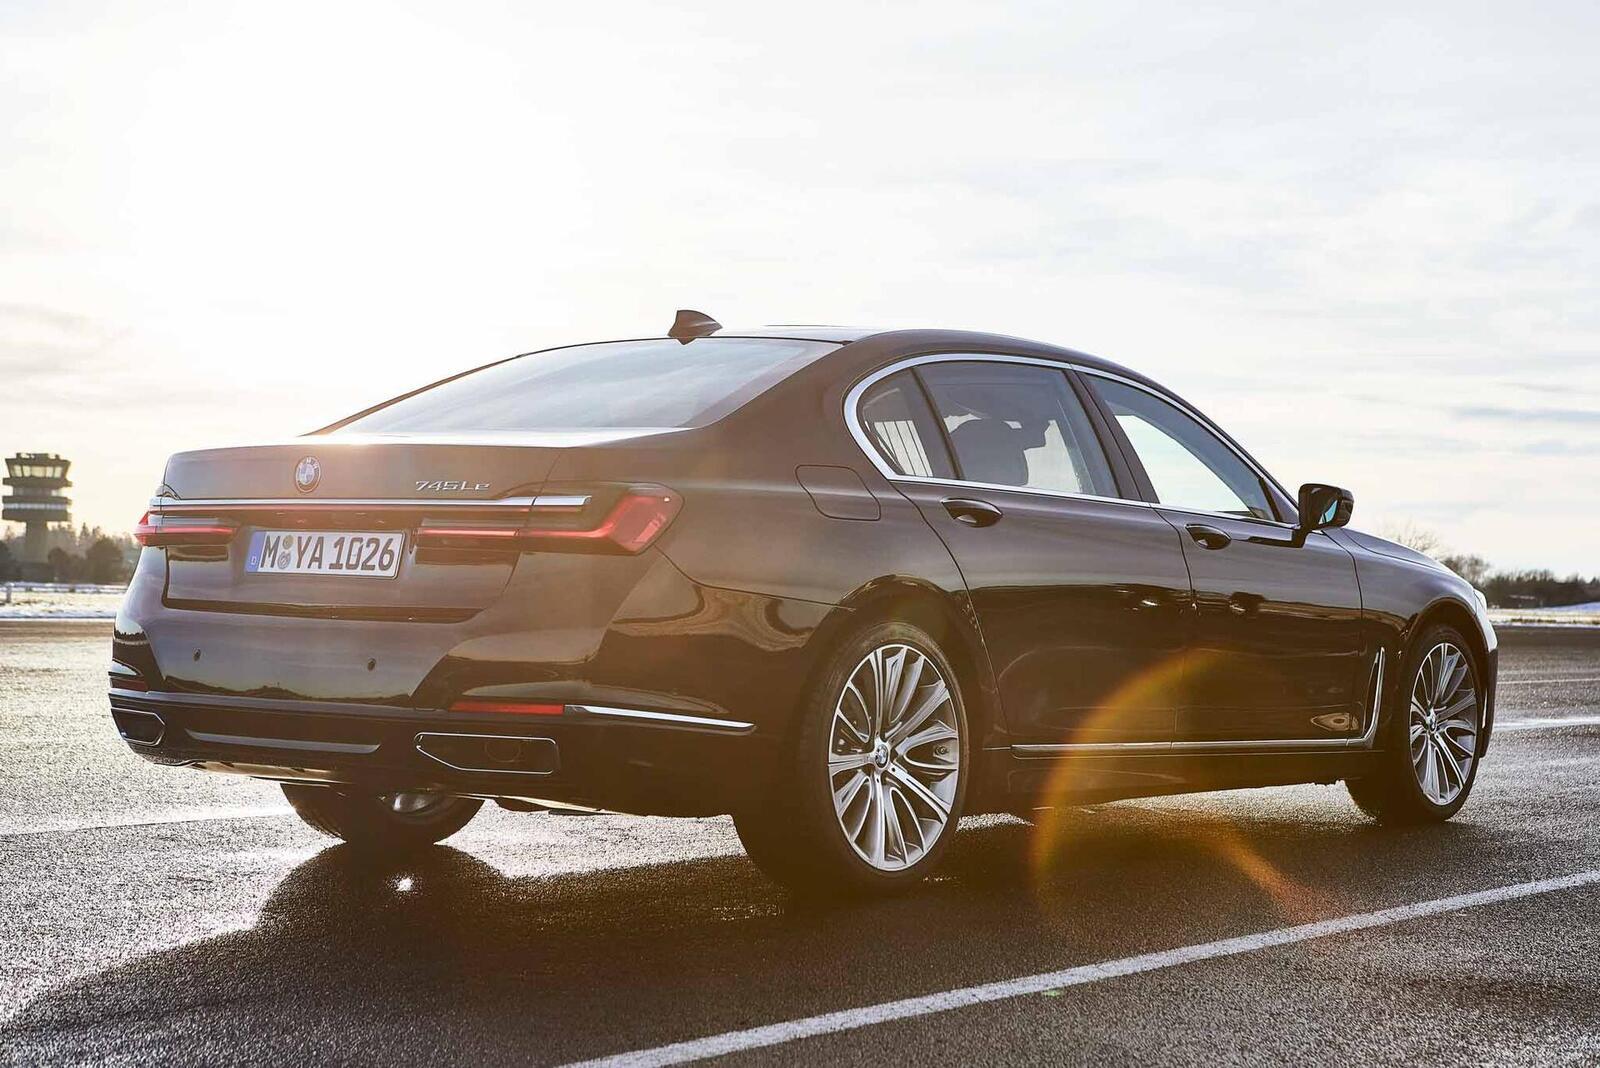 BMW giới thiệu 7 Series PHEV 2020 mới; lắp động cơ 3.0L mới thay chế cho 2.0L cũ - Hình 4